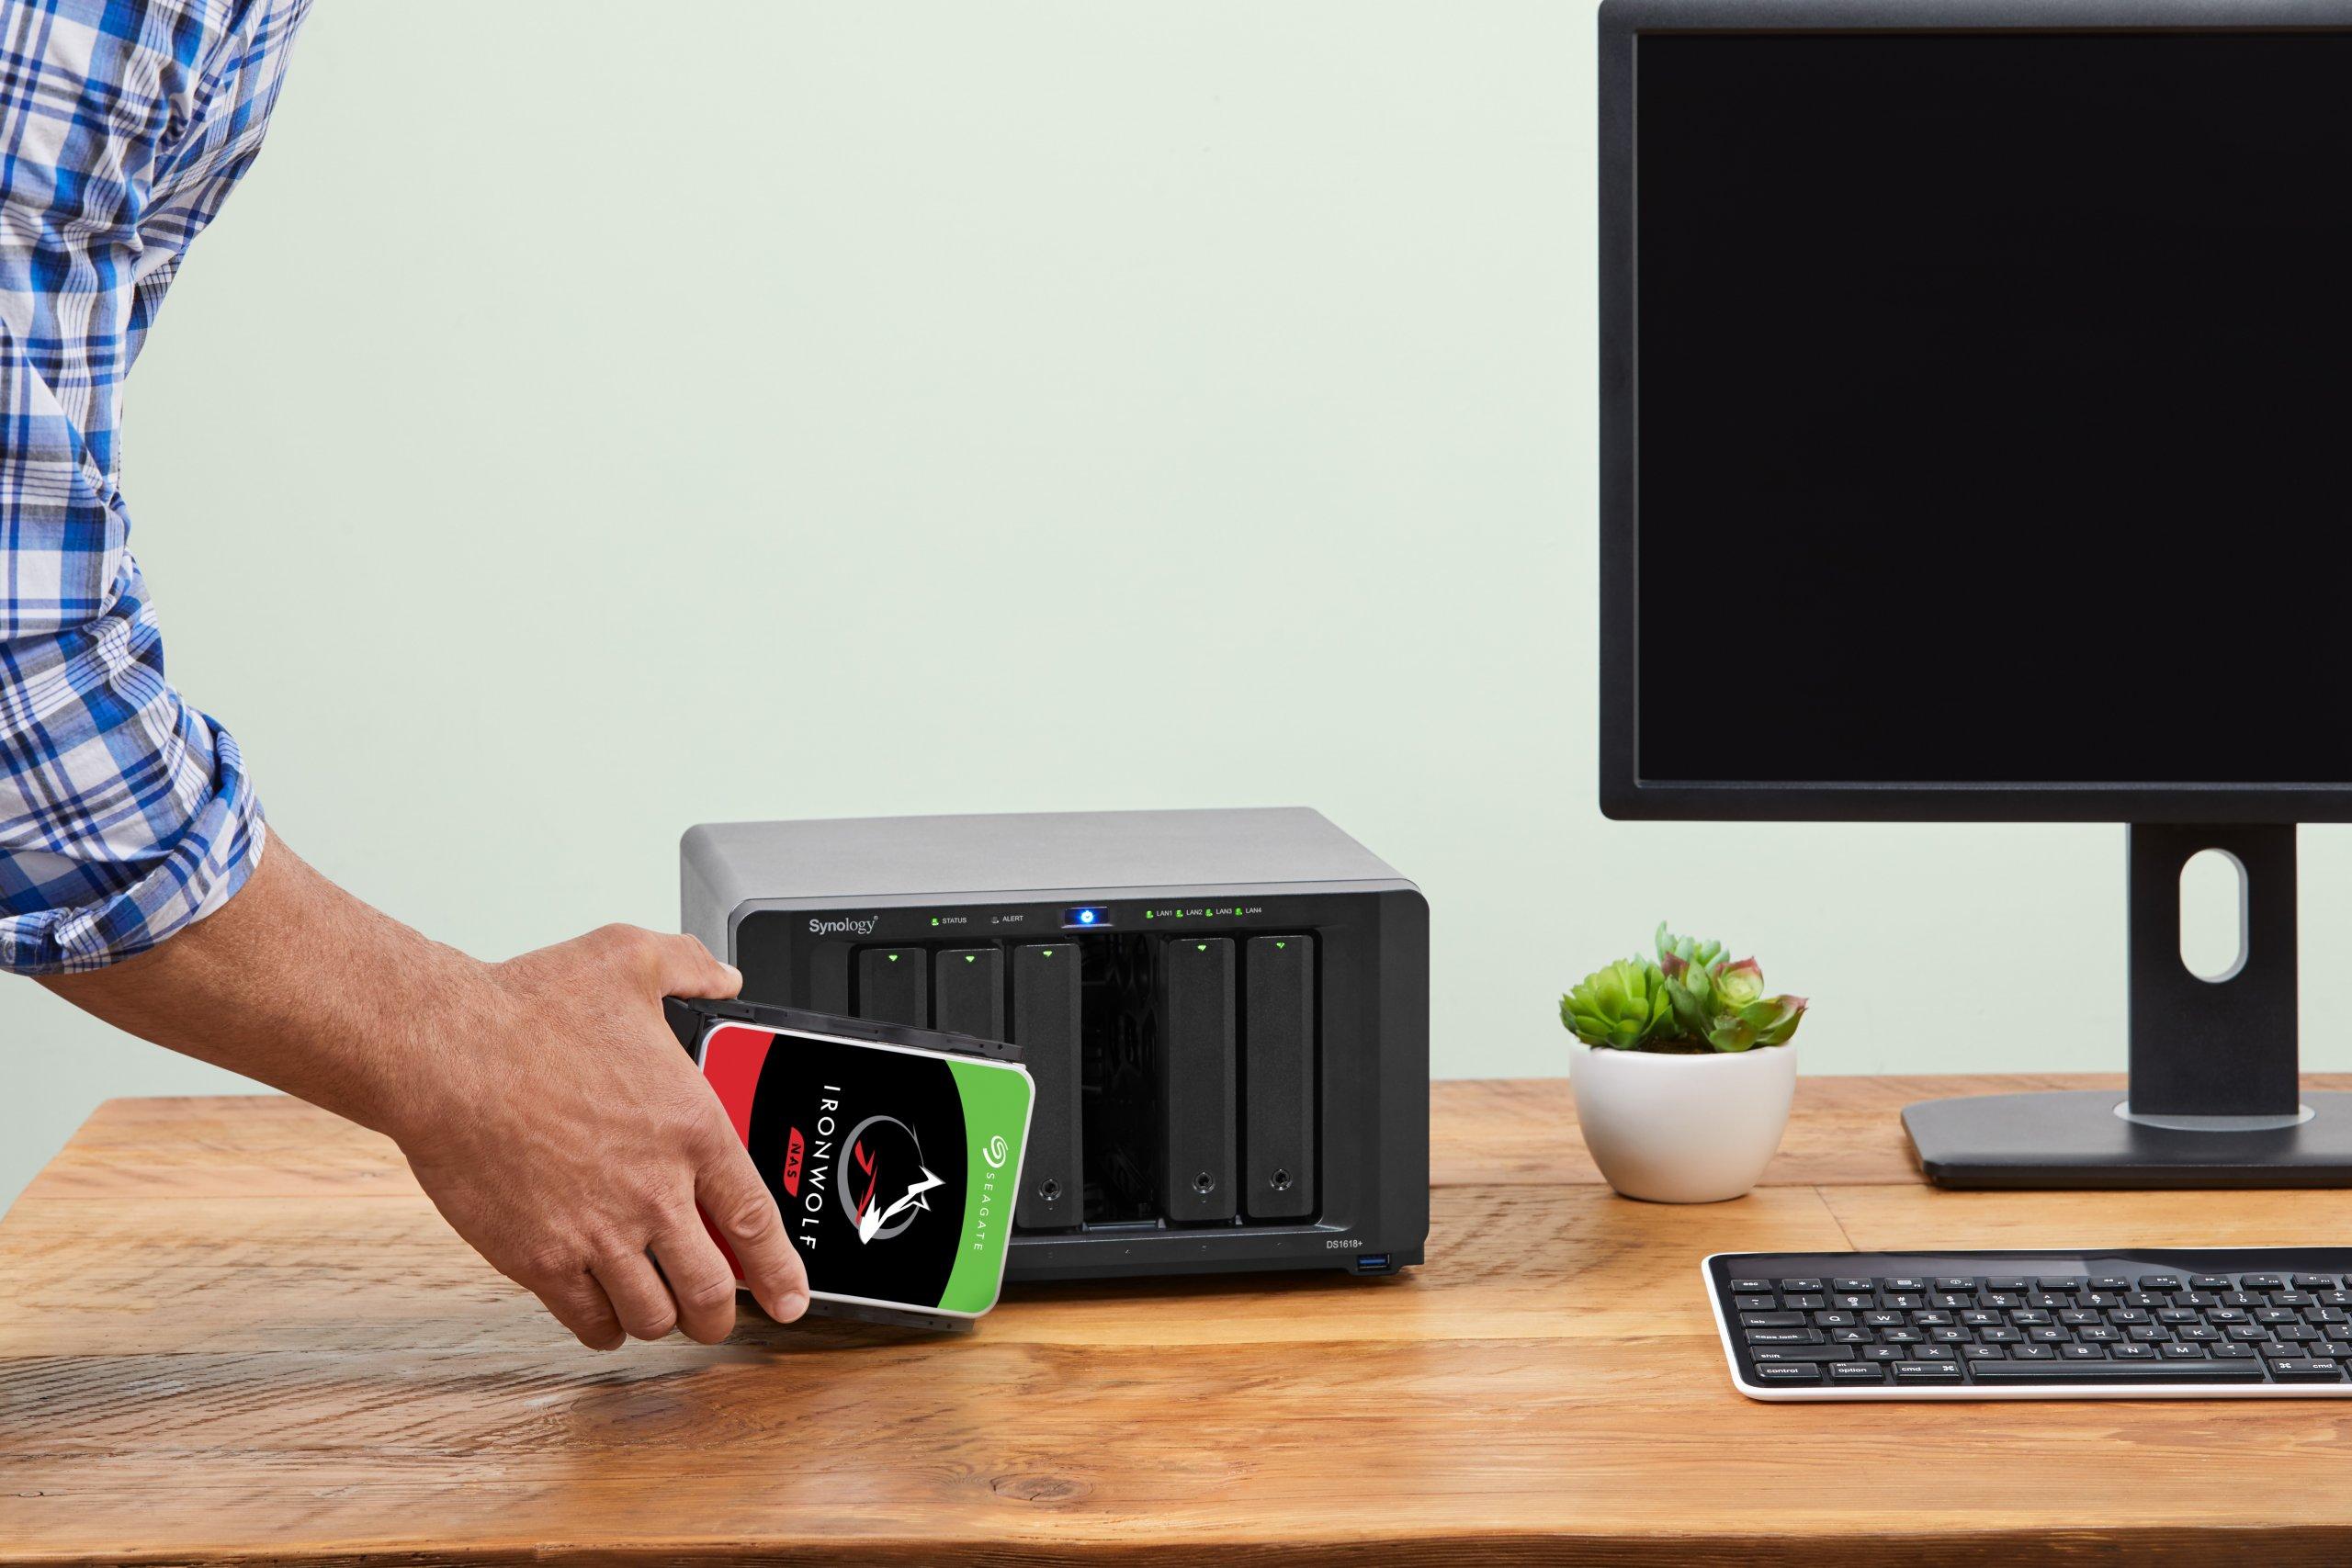 Hướng dẫn cách mua ổ cứng lưu trữ mạng NAS (Network Attached Storage)